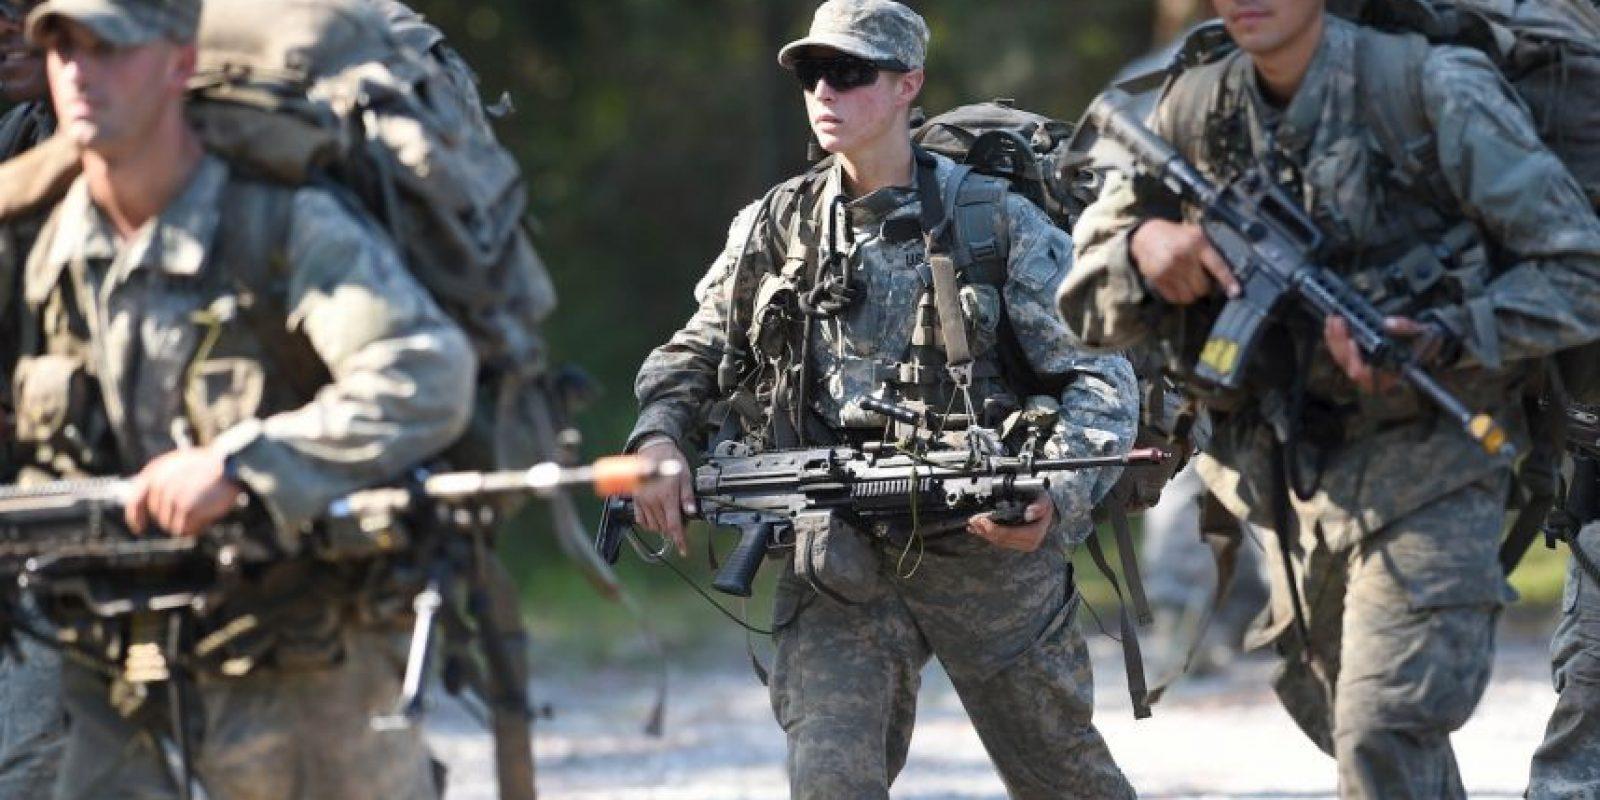 Griest es primera teniente y tiene 26 años. Foto:AP